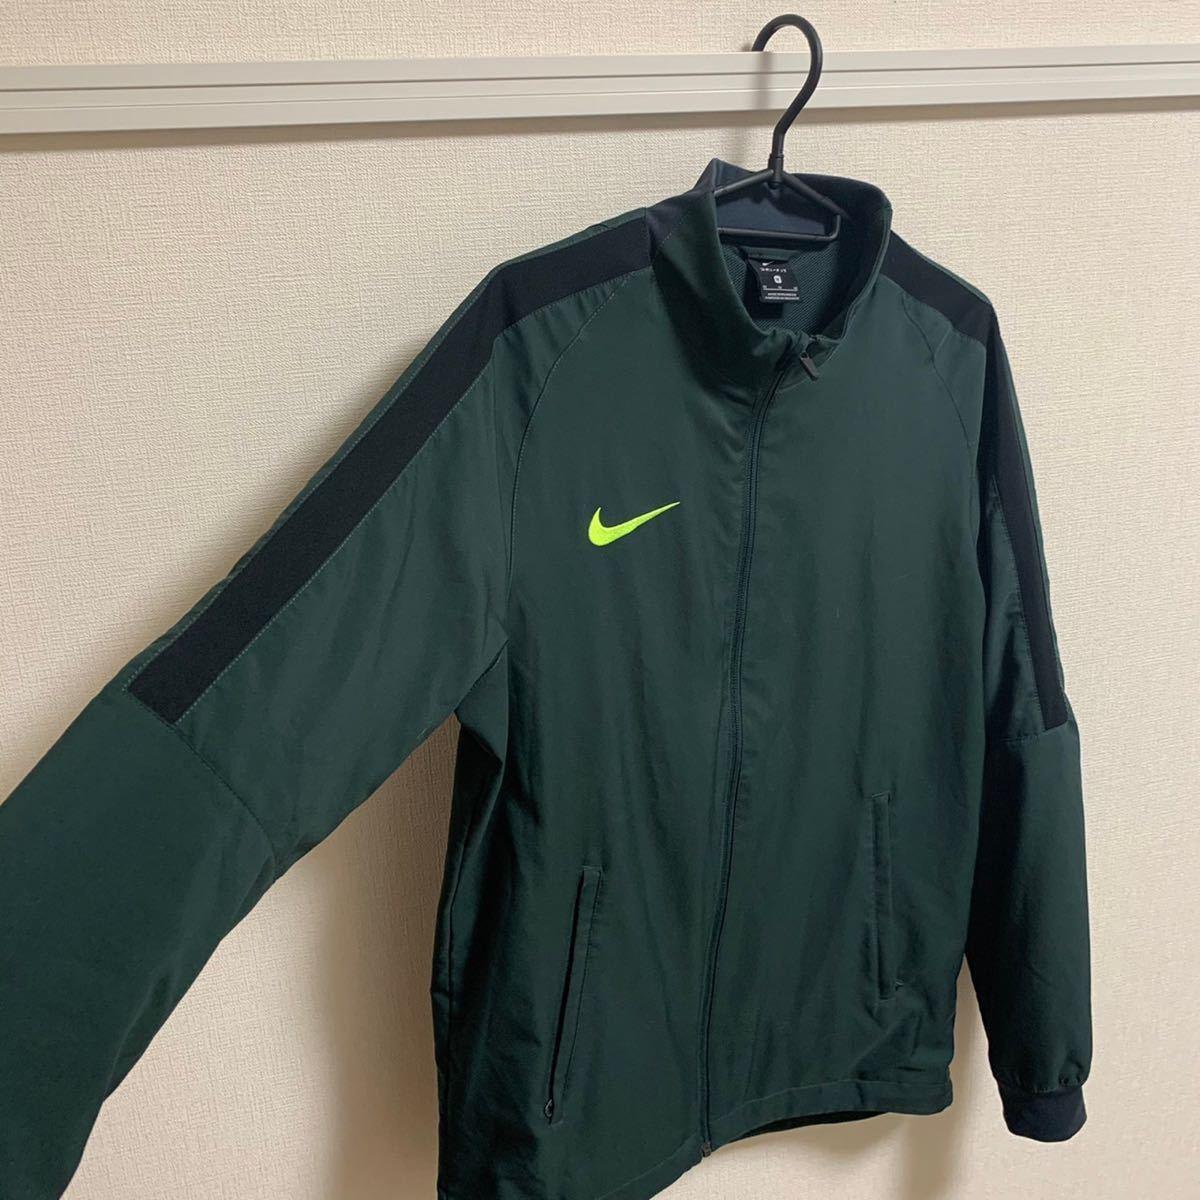 【即決】NIKE ウォームアップジャケット 裏地有 ナイキ モスグリーン スポーツウェア トレーニングウェア ランニングウェア